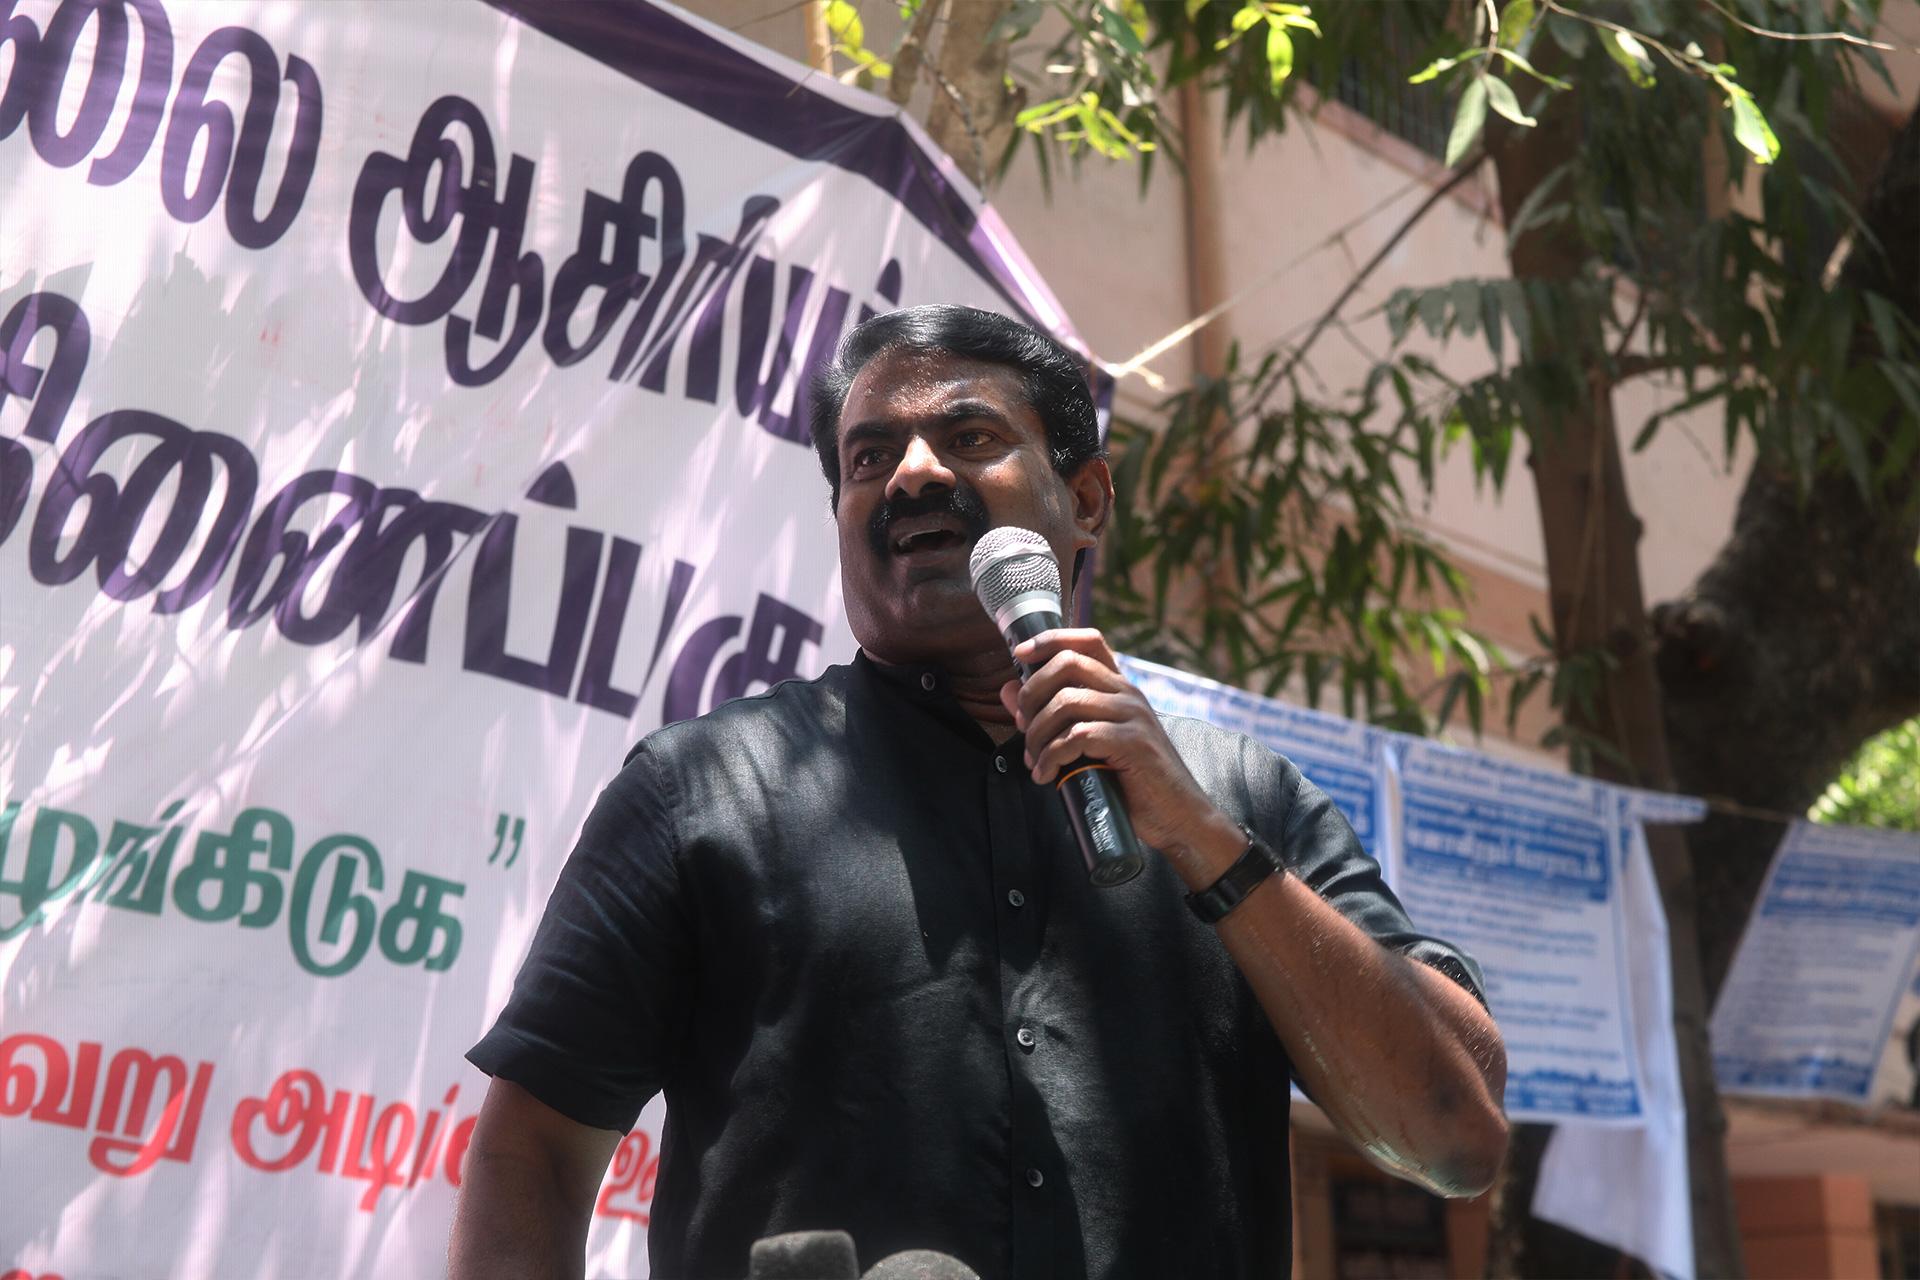 ஊதிய முரண்பாடுகளைக் களையக்கோரி இடைநிலை ஆசிரியர்கள் தொடர் போராட்டம் – சீமான் நேரில் ஆதரவு TET Secondary Teachers Protest Equal Pay For Equal Post Chennai Seeman Support 2